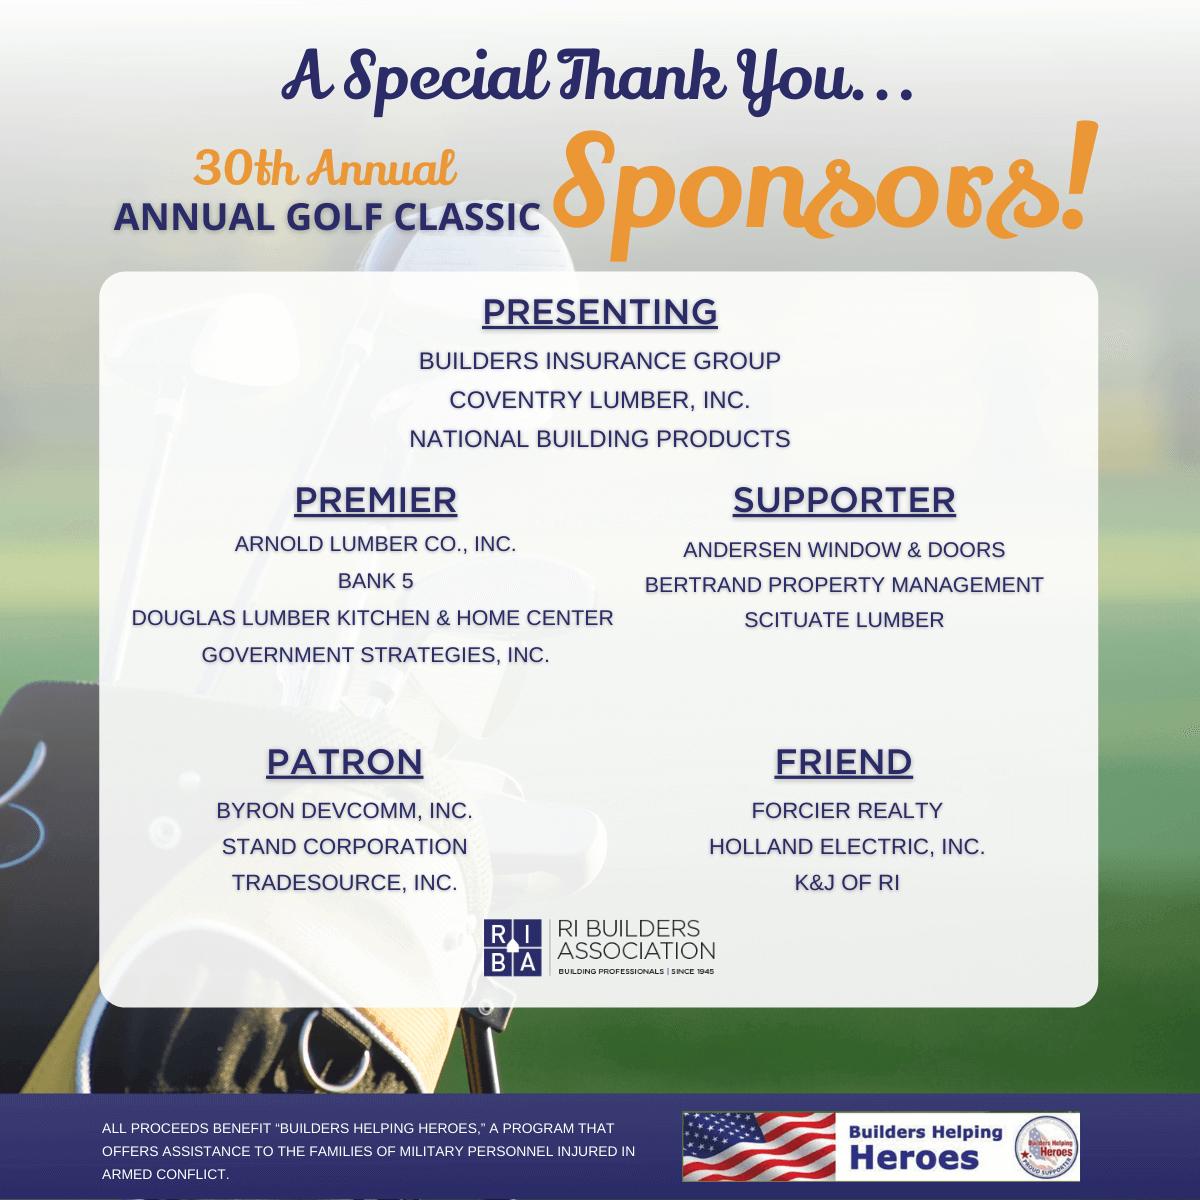 Golf Classic Sponsors